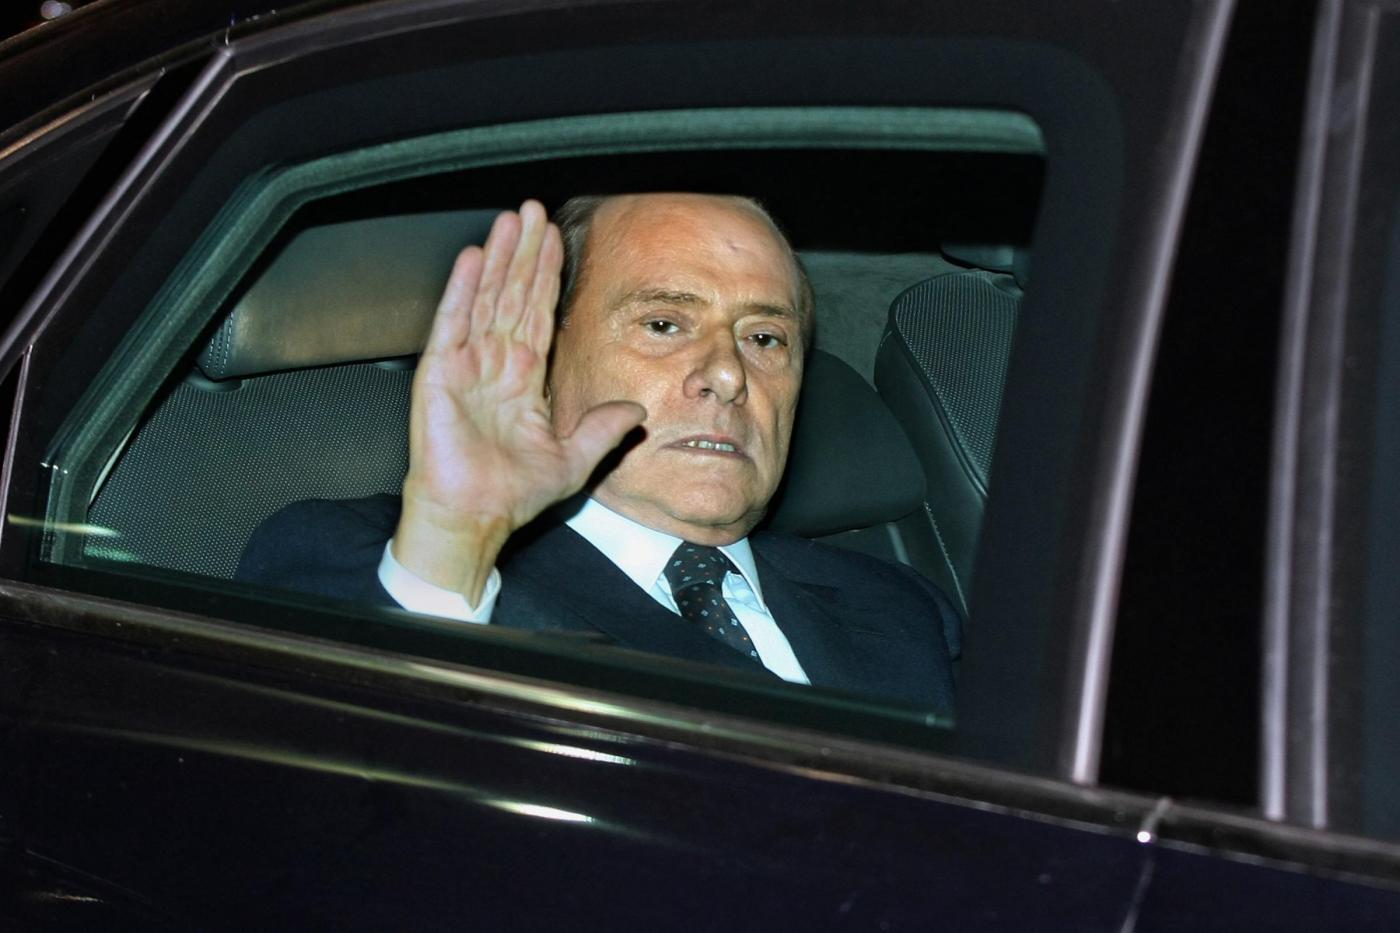 Silvio Berlusconi lascia il Quirinale dopo ever rassegnato le dimissioni le dimissioni